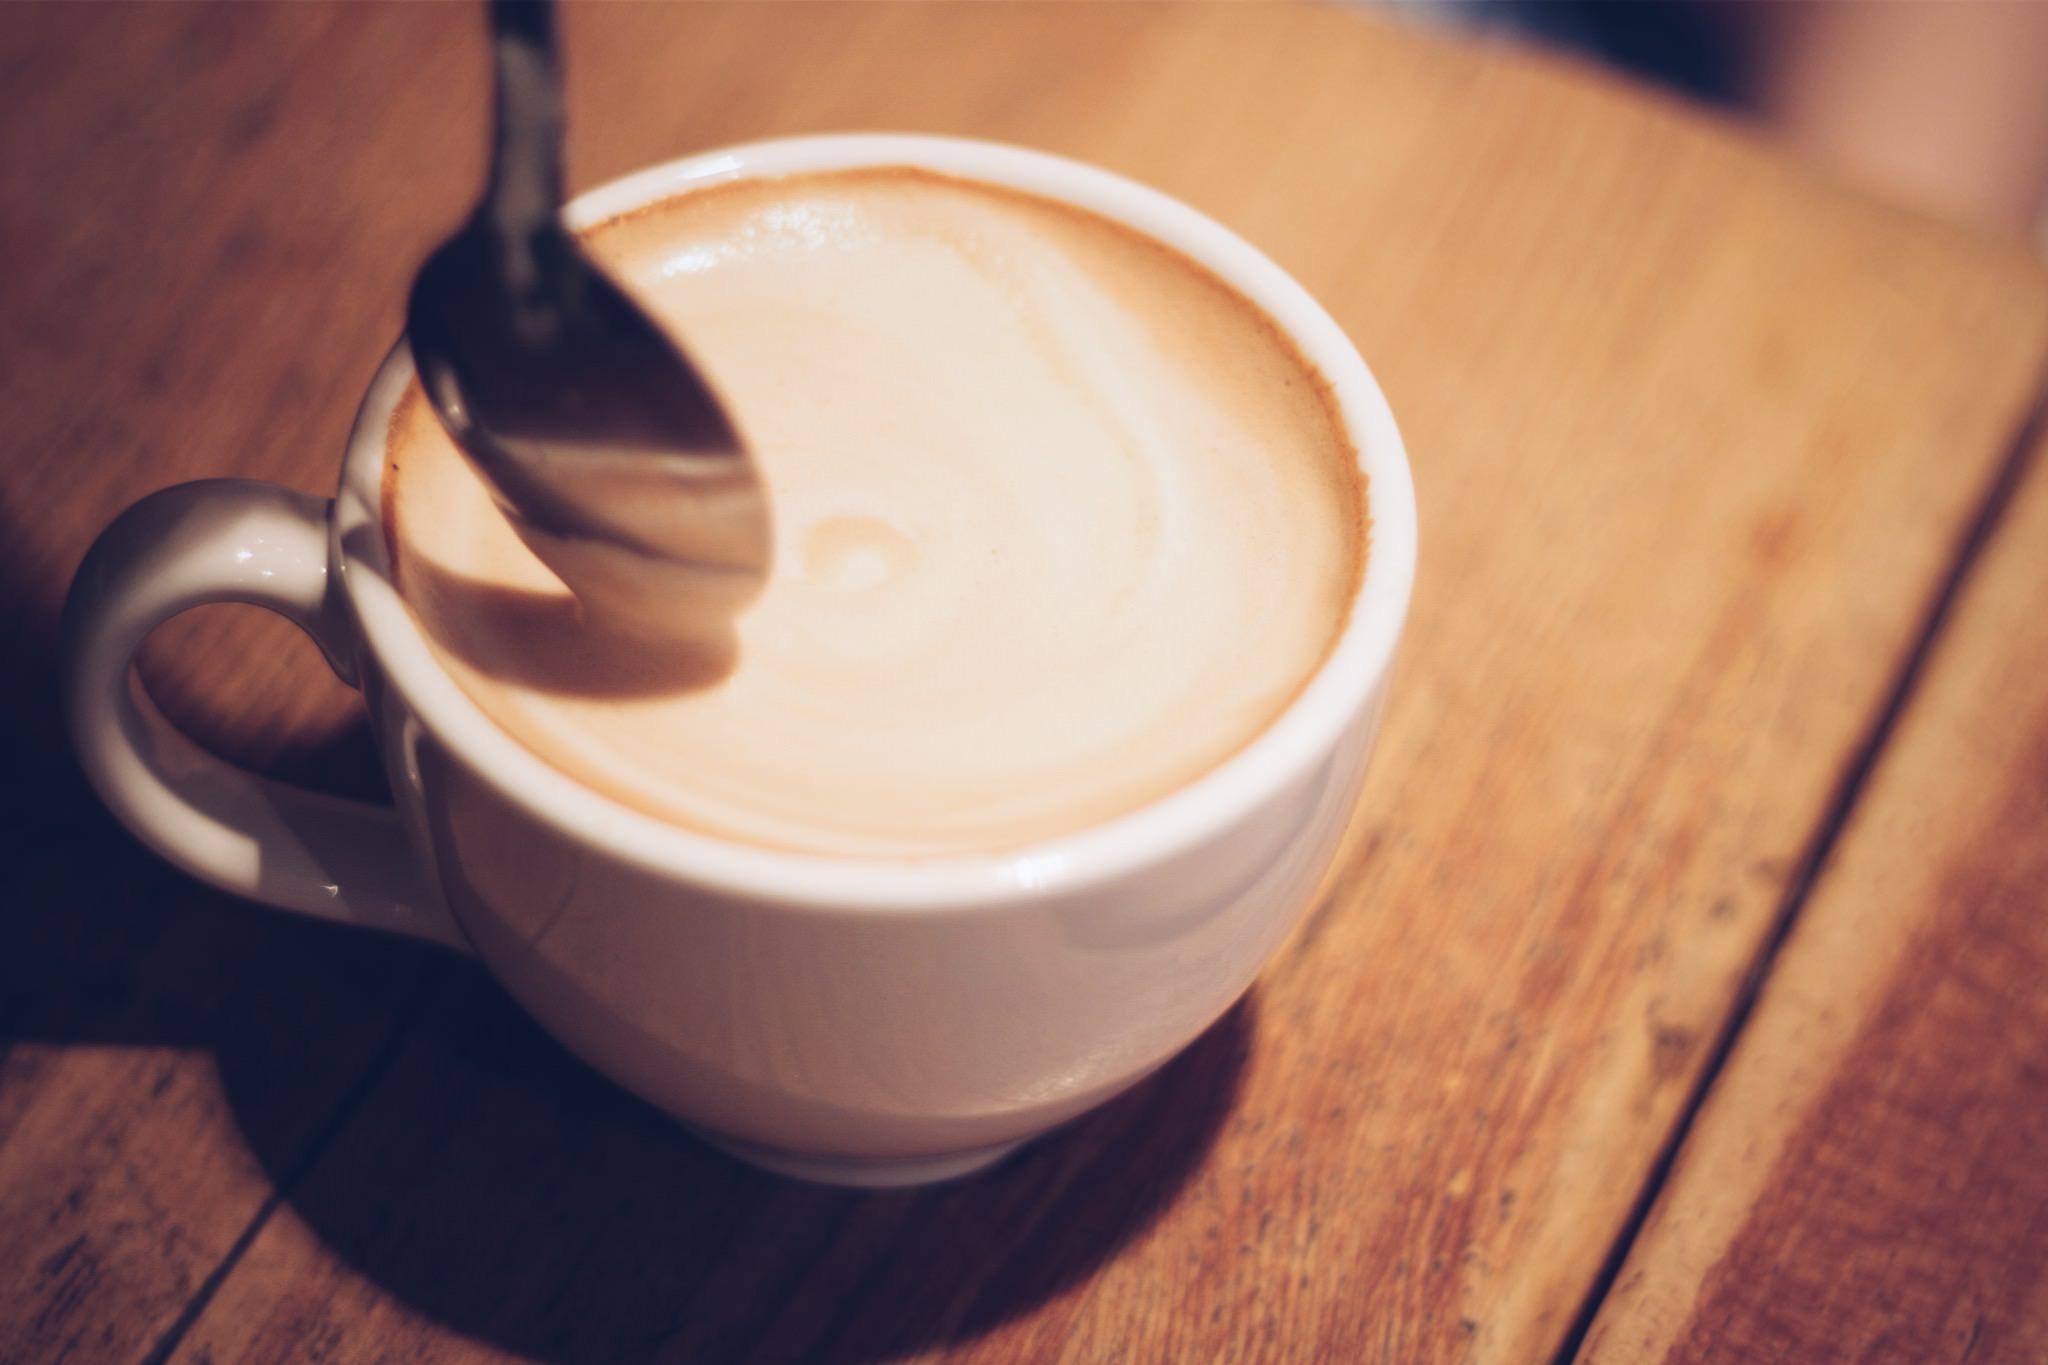 【カフェ】自分カフェ史の1ページ